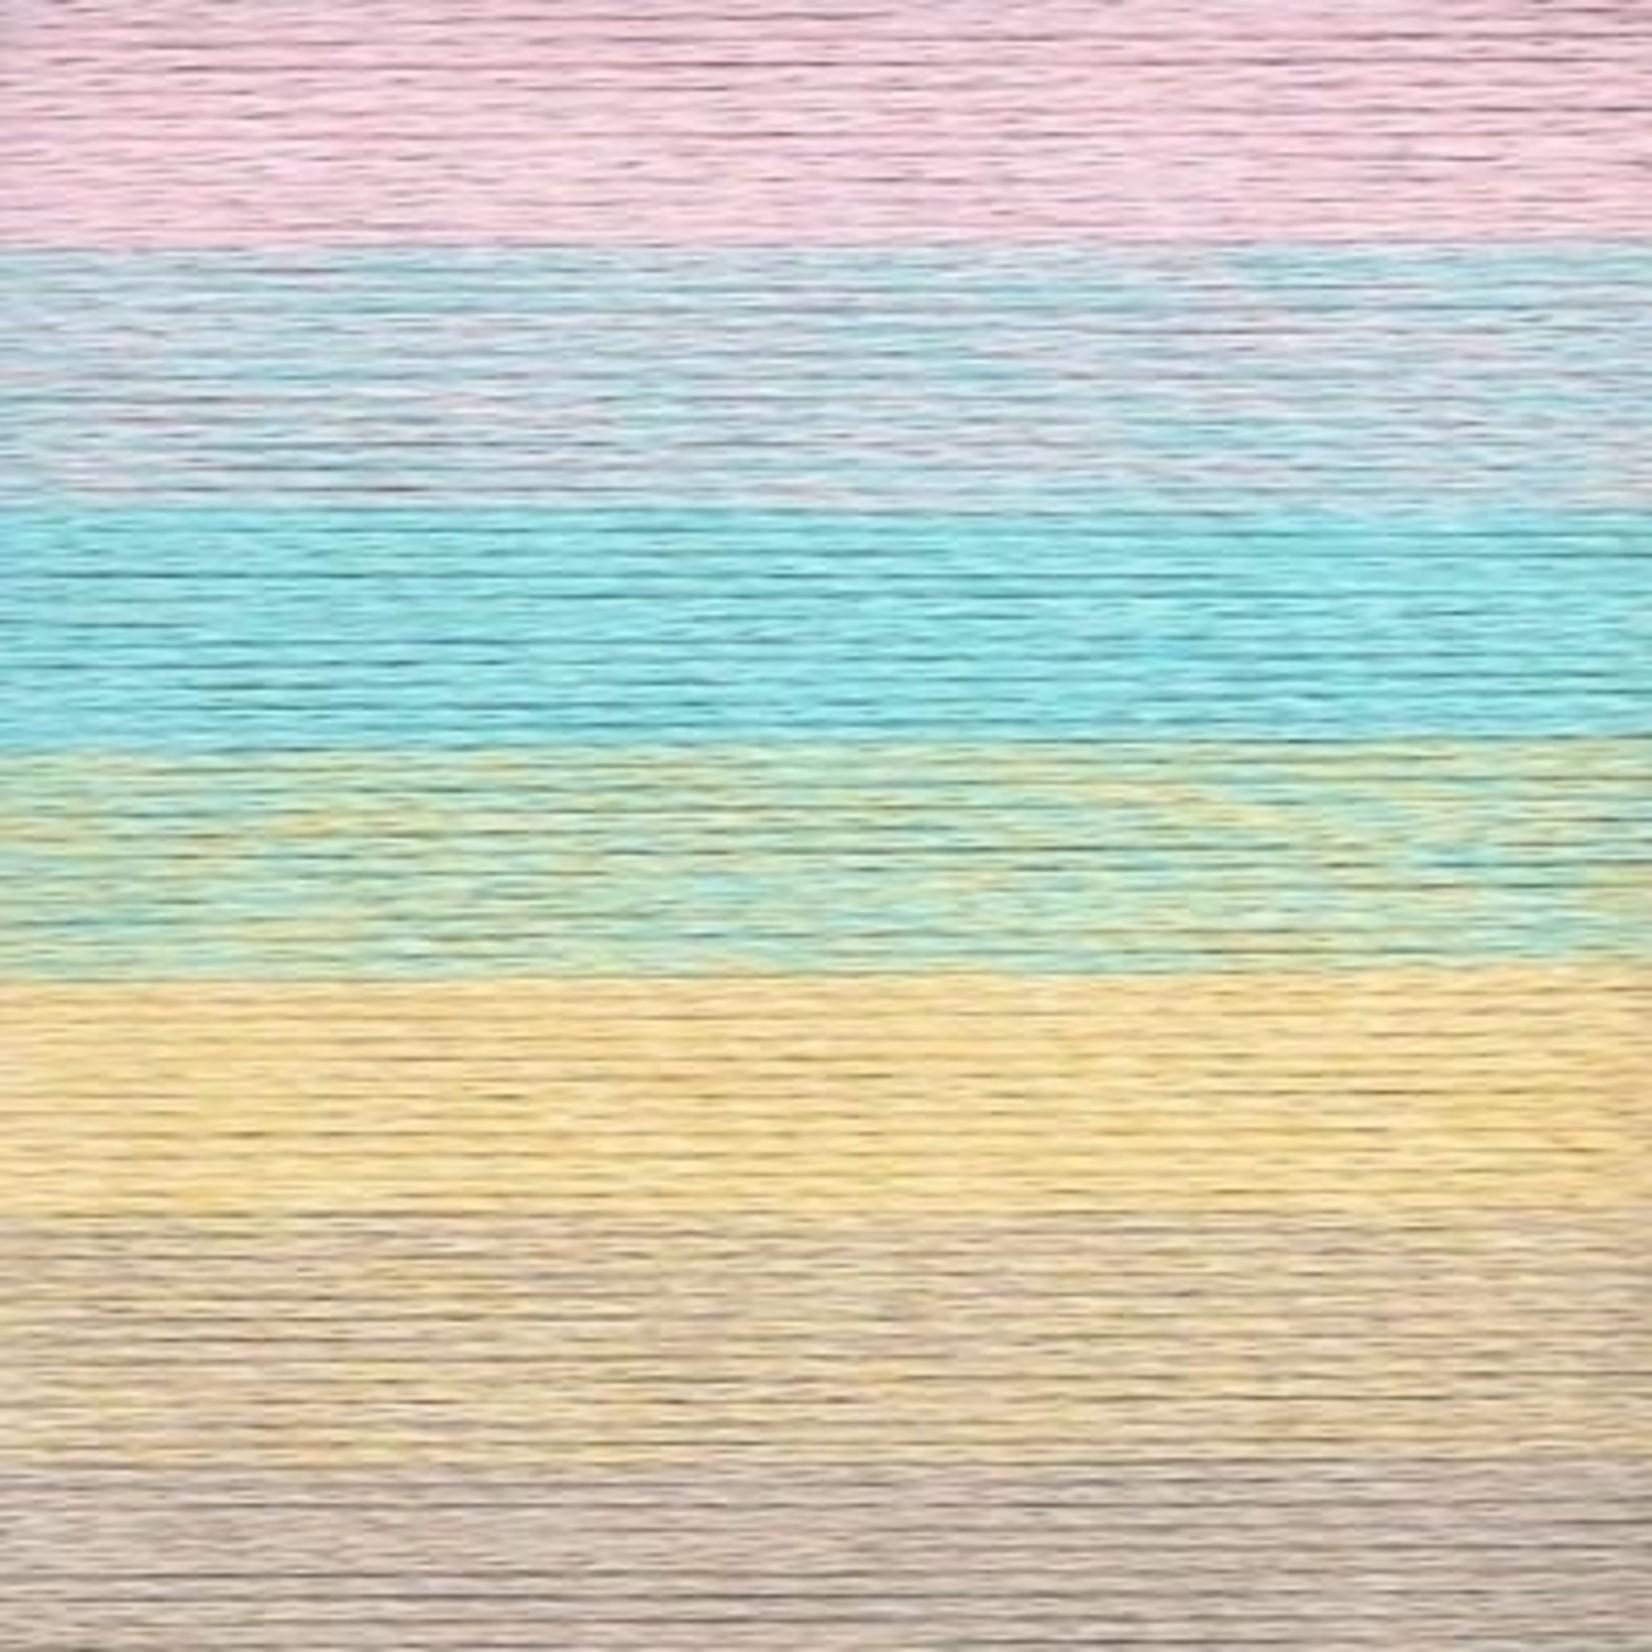 Estelle Yarns Colourbraid